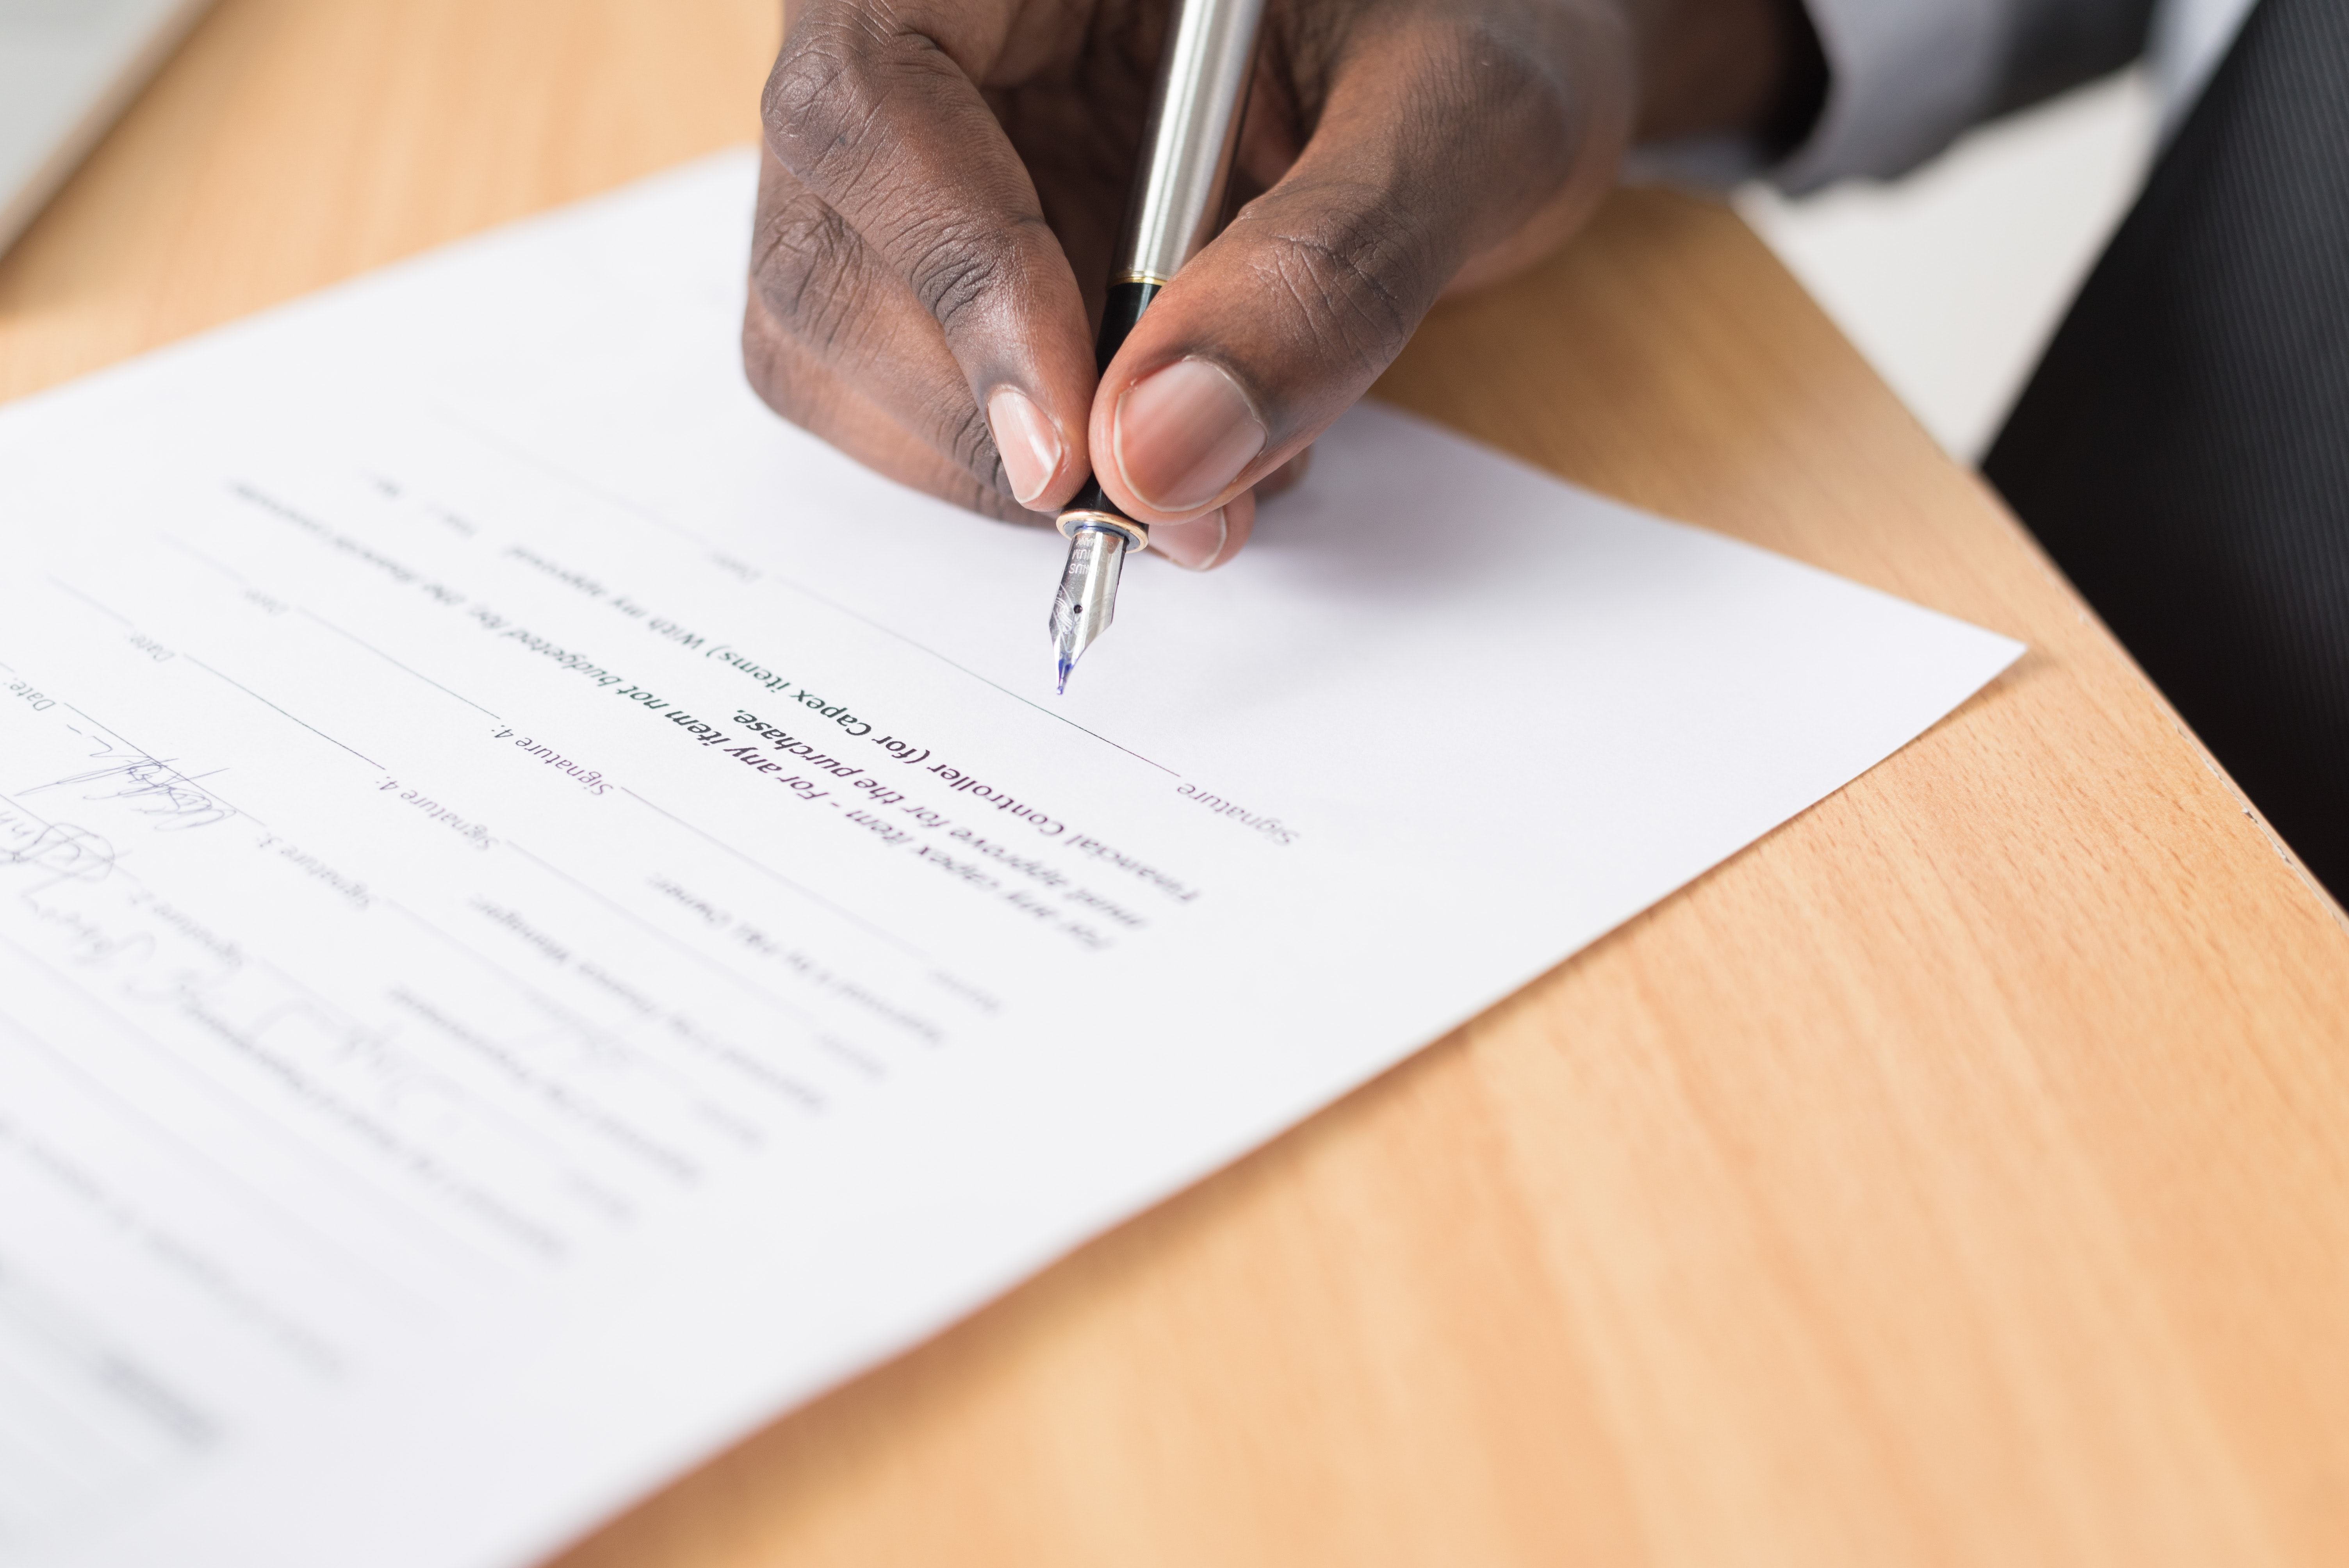 Monter son dossier de colocation en tant que colocataire : les pièces justificatives à fournir pour convaincre les propriétaires, agences ou bailleurs